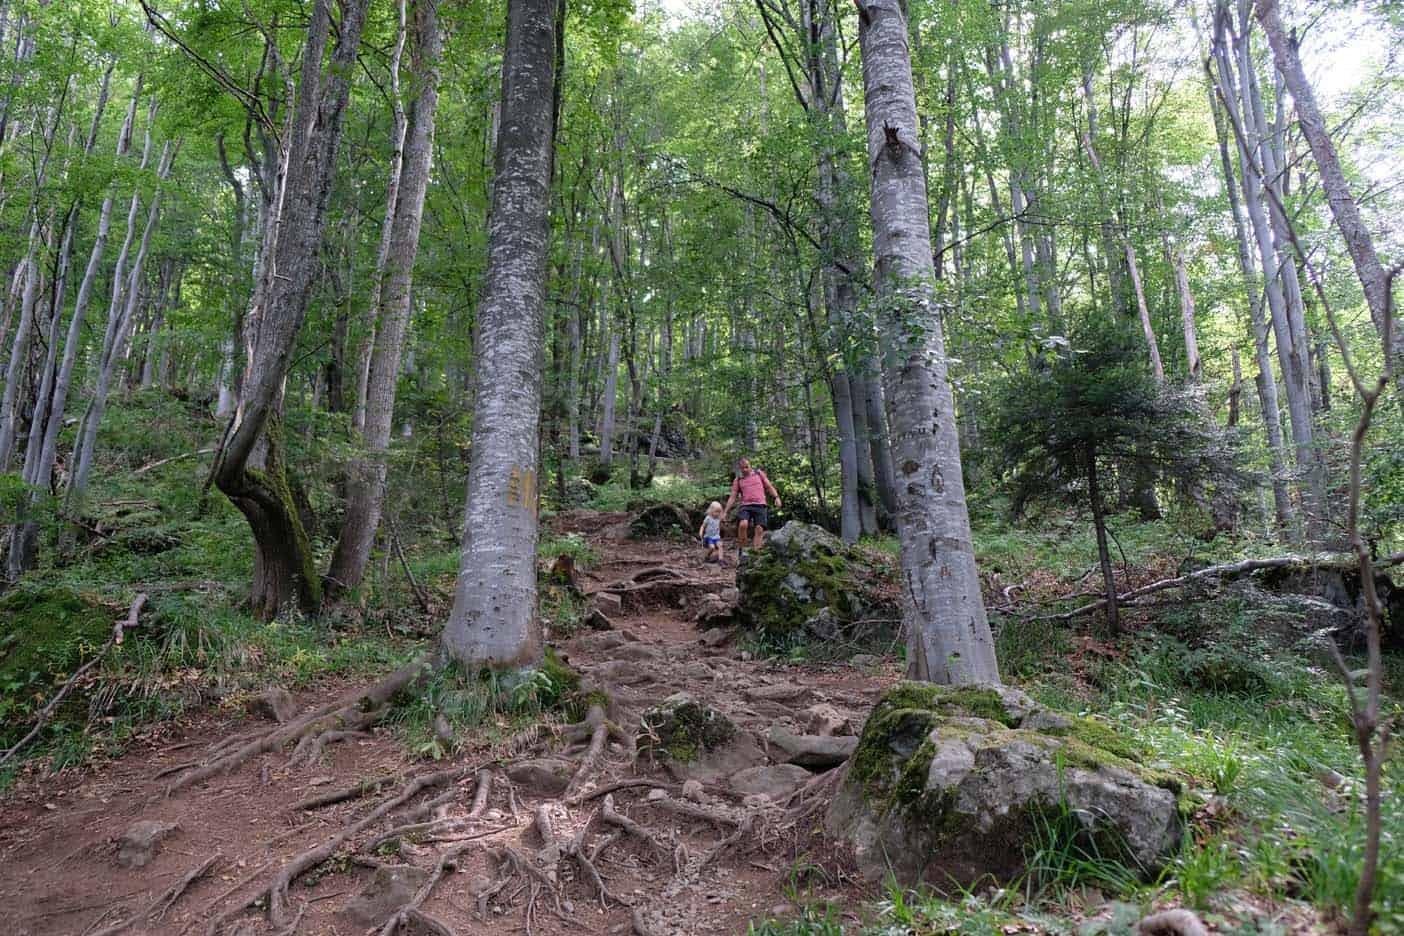 Mt vitoscha bulgarije wandelen